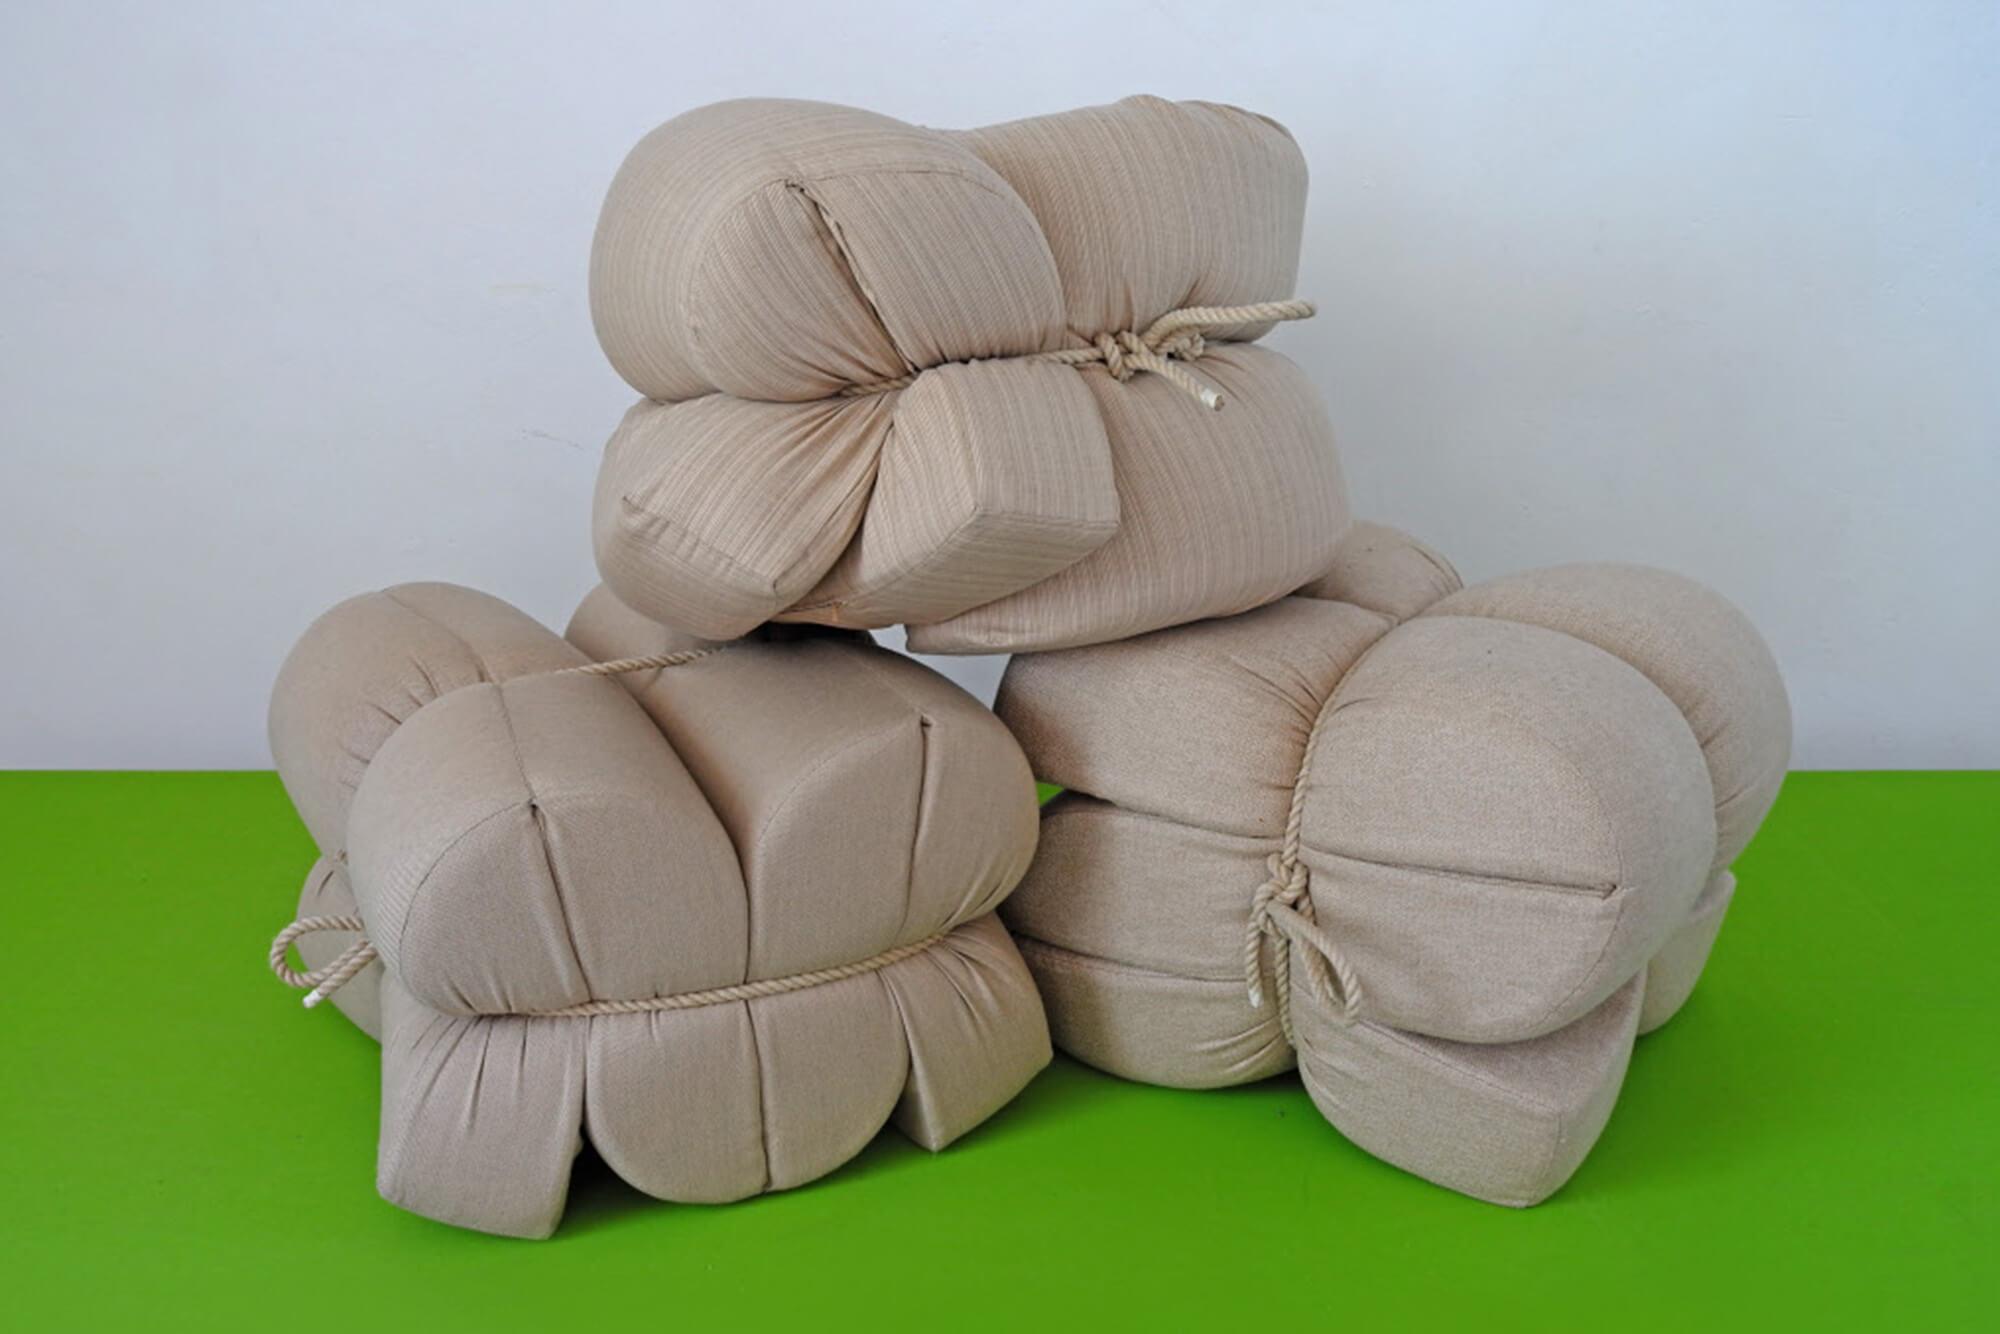 Almofadas feitas com tecidos Sunbrella bege são dobradas e amarrada com corda